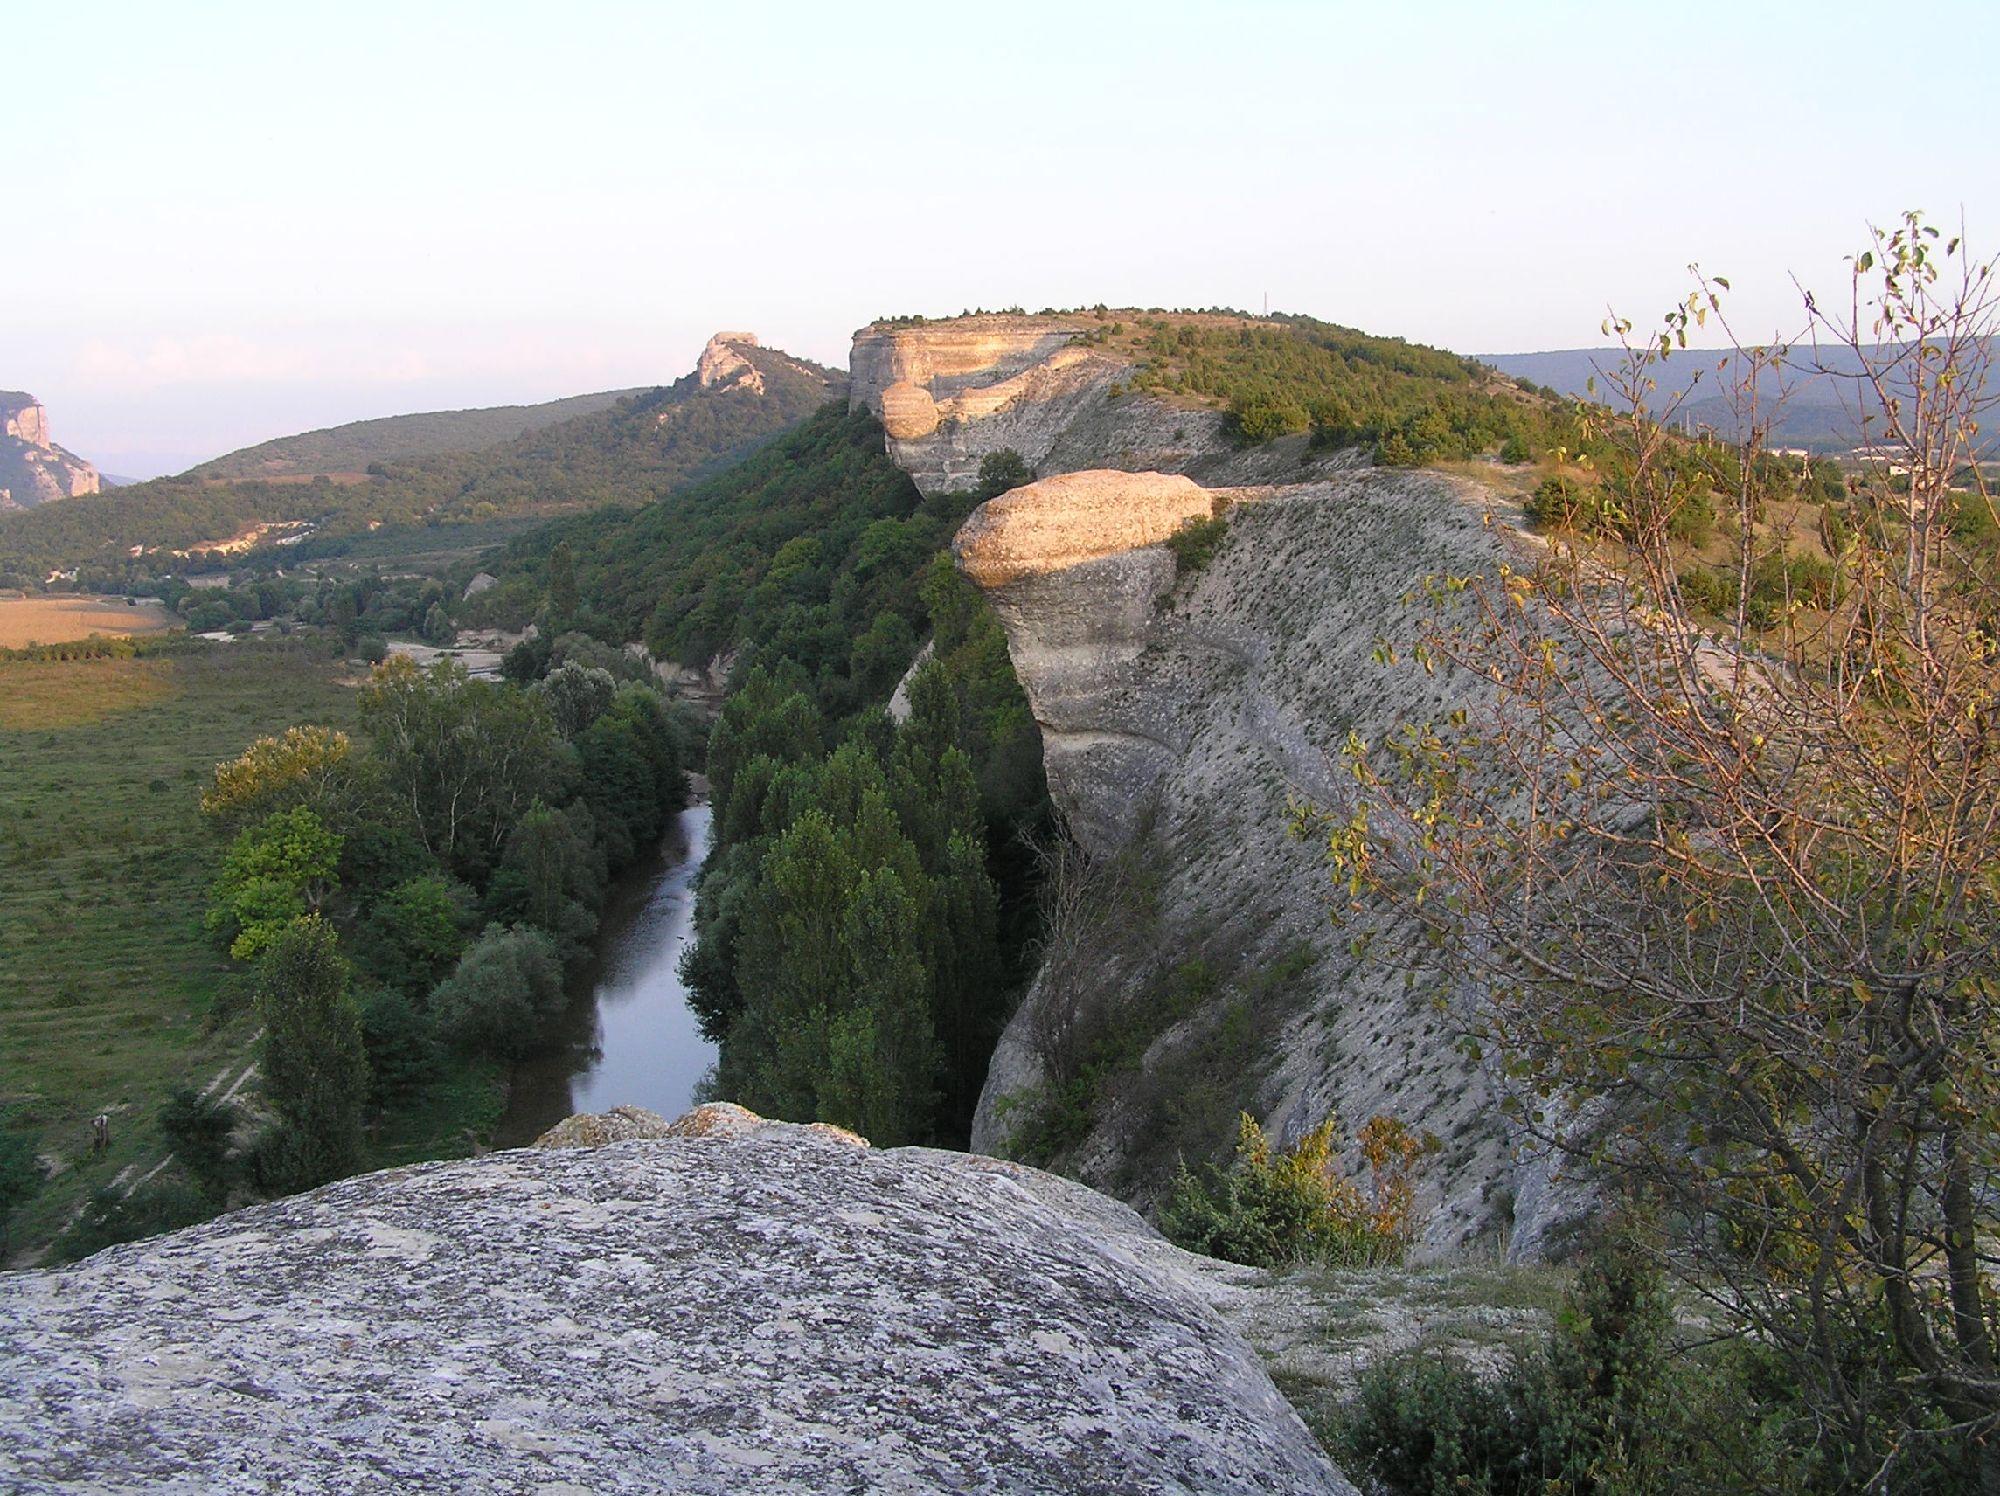 Левее (и чуть сзади, к северу) этого хребта оканчивается равнинная часть степного Крыма и начинается Крым горный. Правее Мангуп-Кале. Предзакатное фото 2005 года.